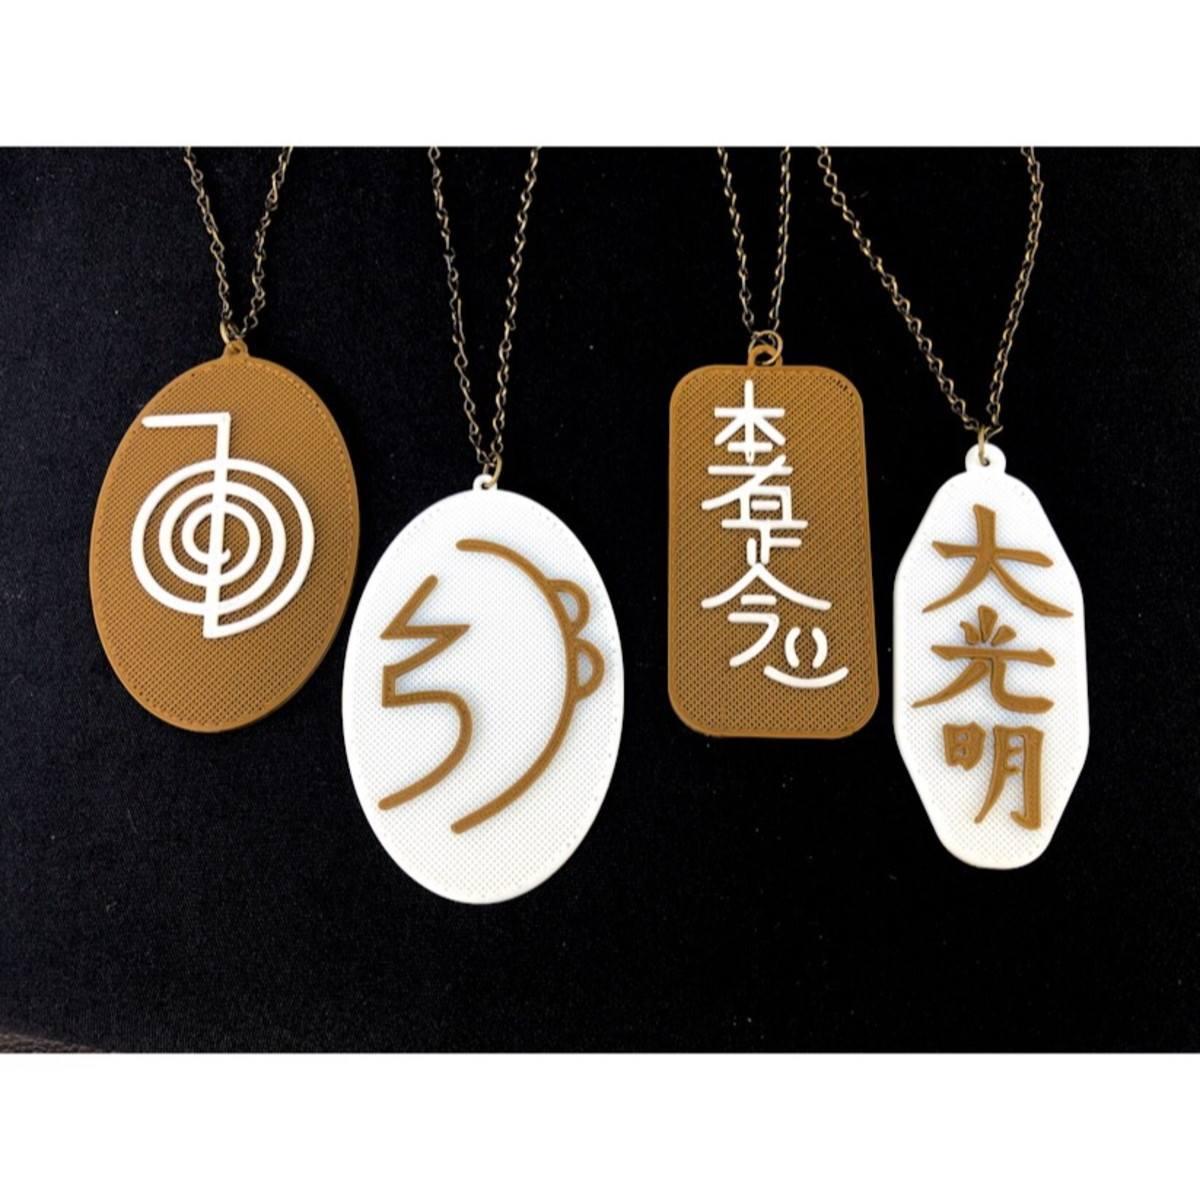 Medalhões Símbolos do Reiki - Os 4 principais símbolos